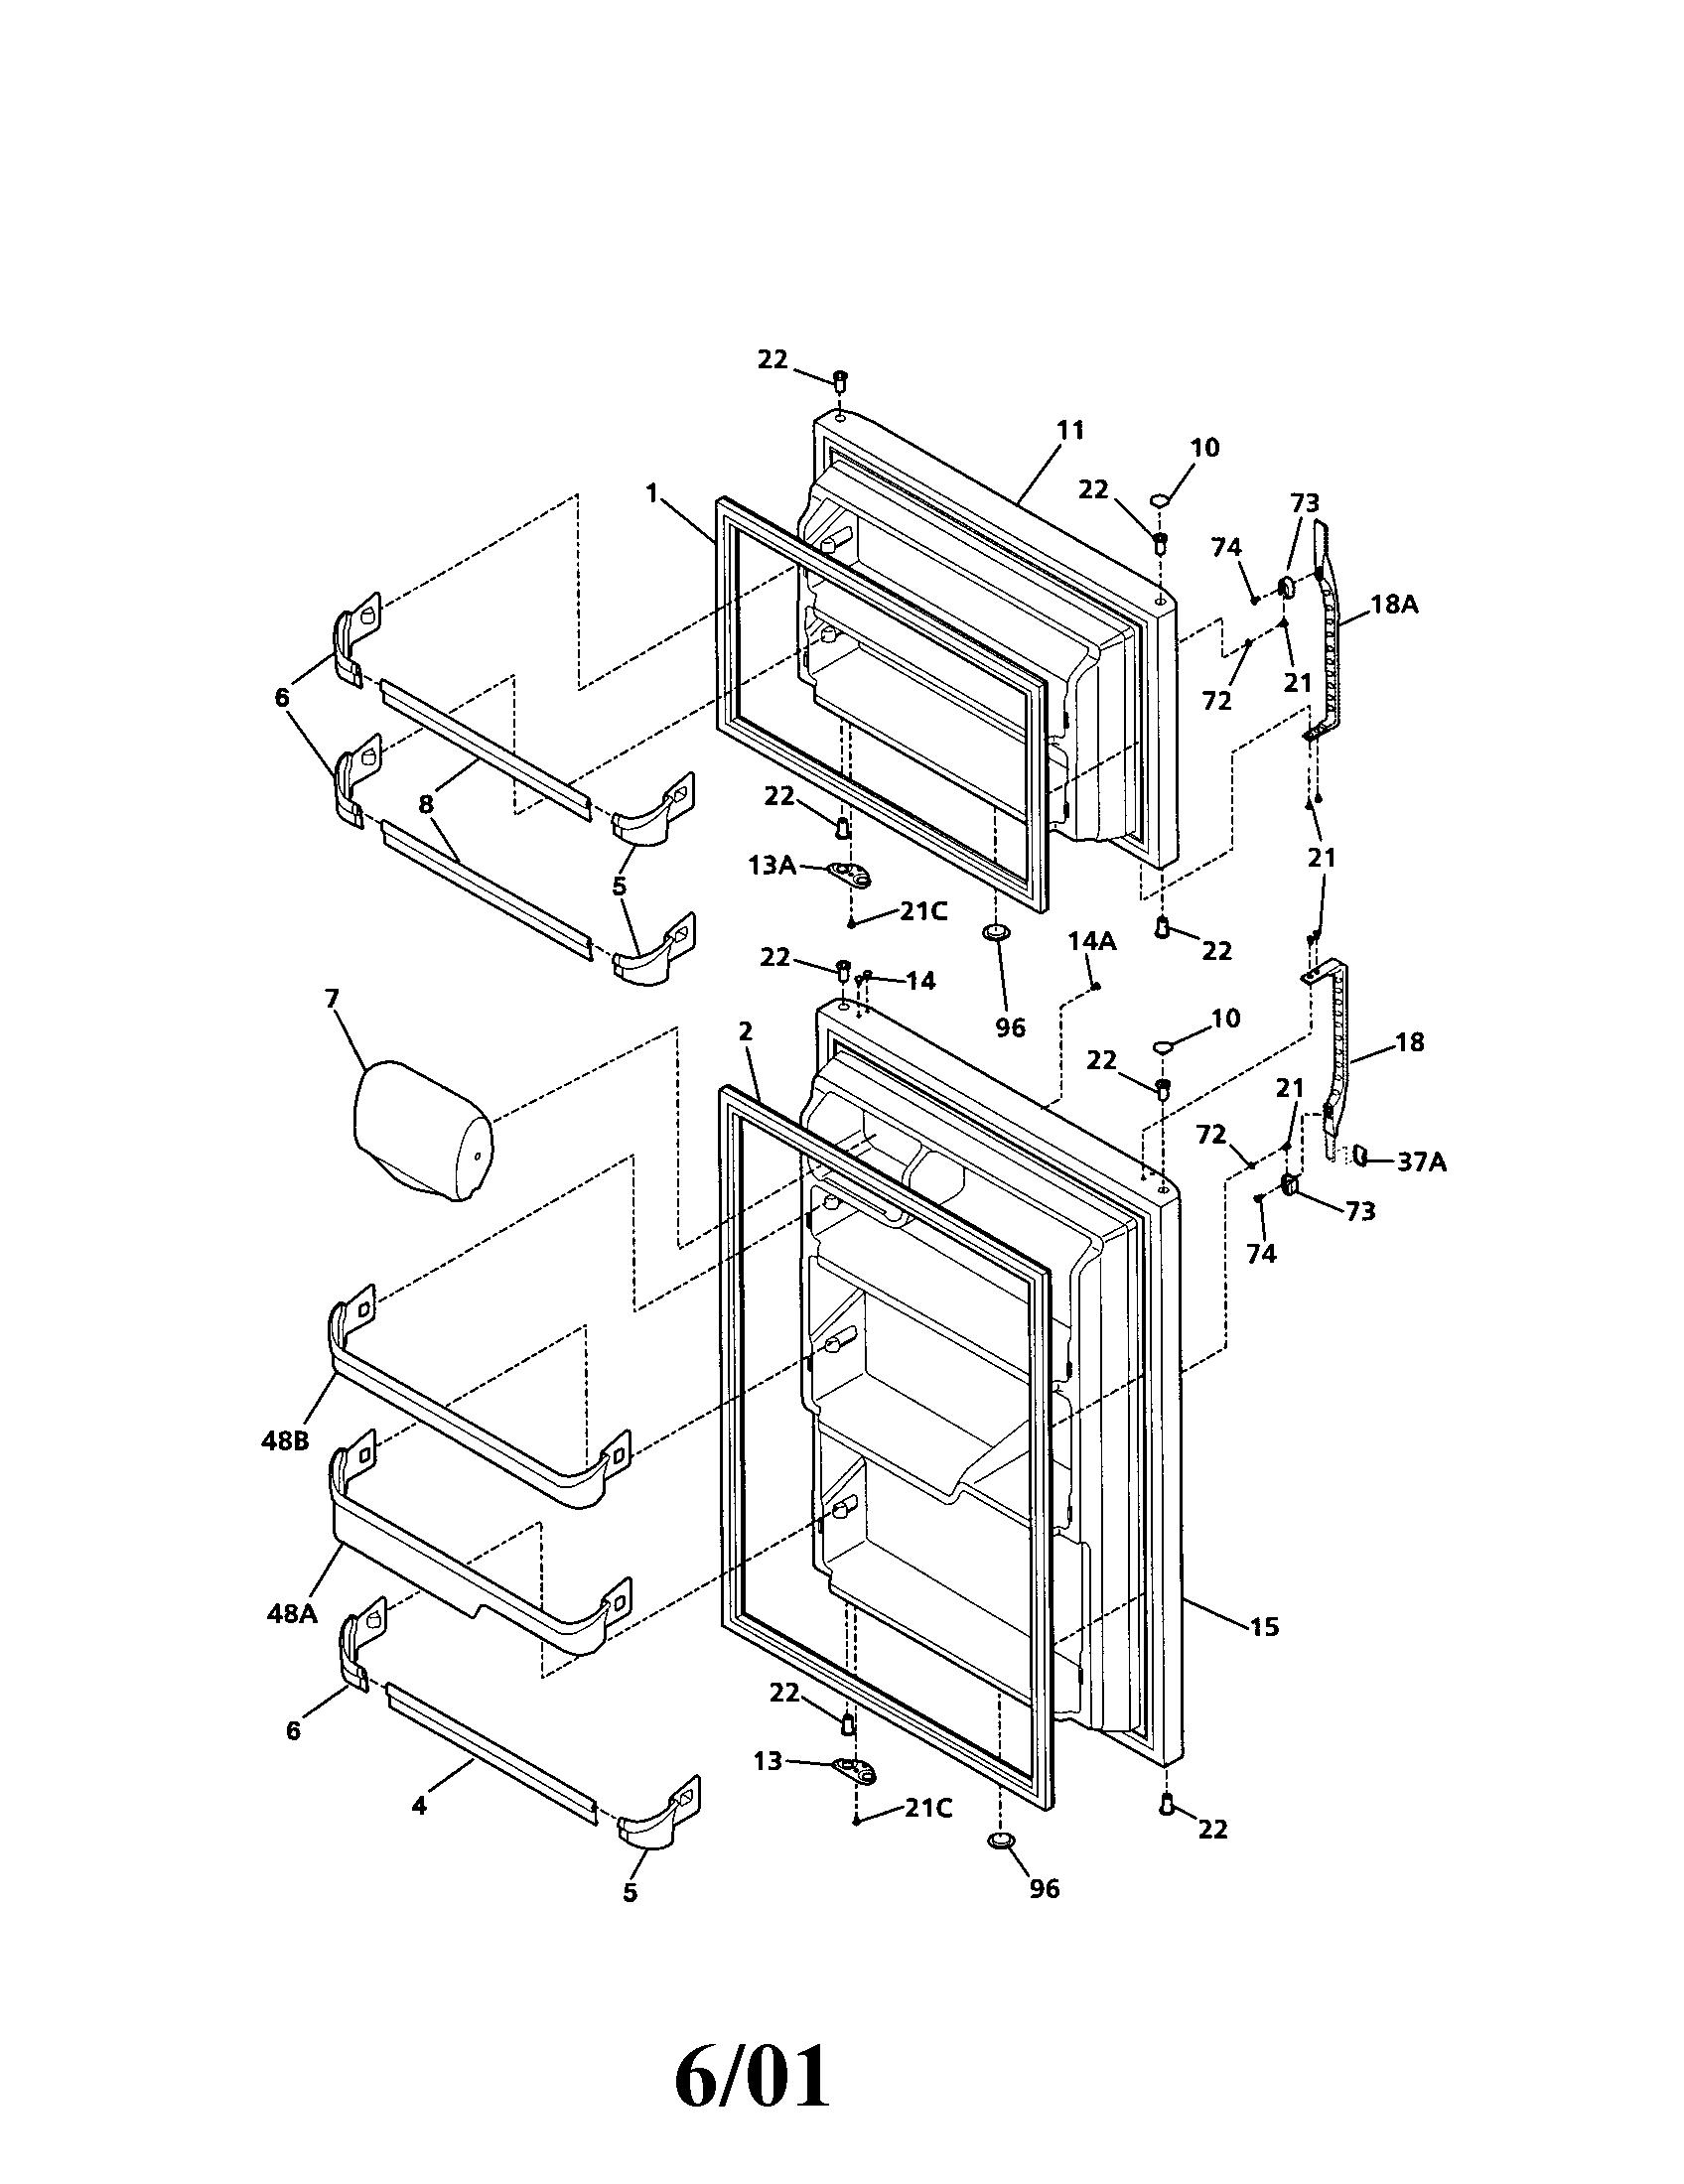 80 Gas Furnace Wiring Diagram